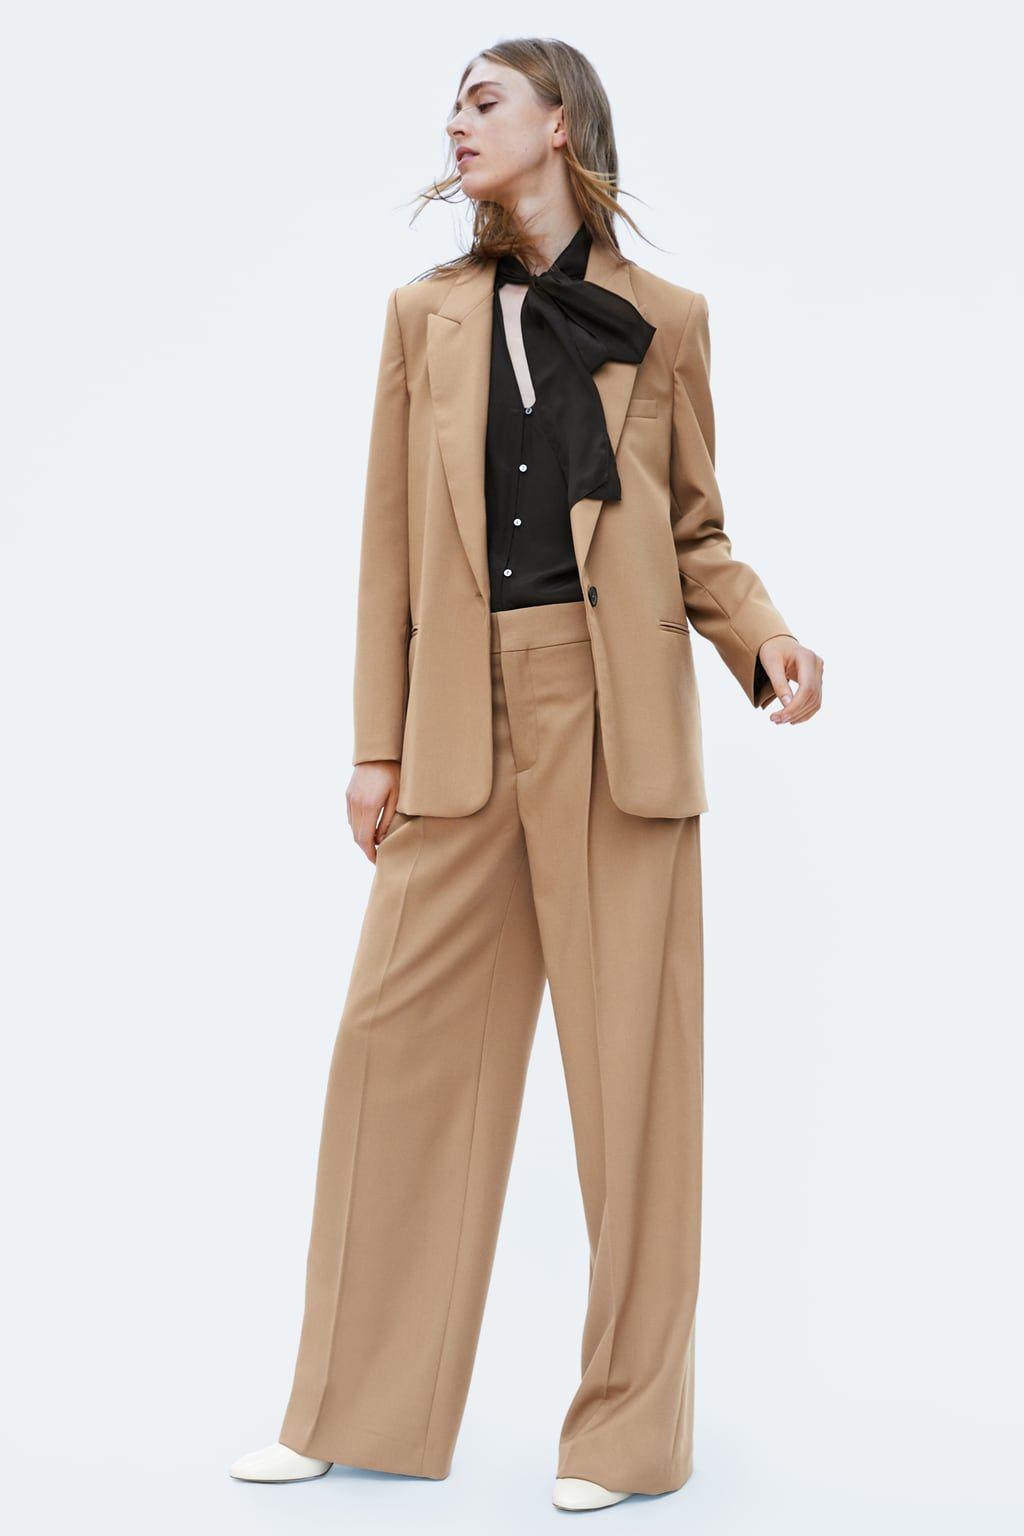 best website 8bc2a 5d5c4 Long Blazer, Zara Women, Pants Outfit, Fall 2018, Work Wear, Autumn